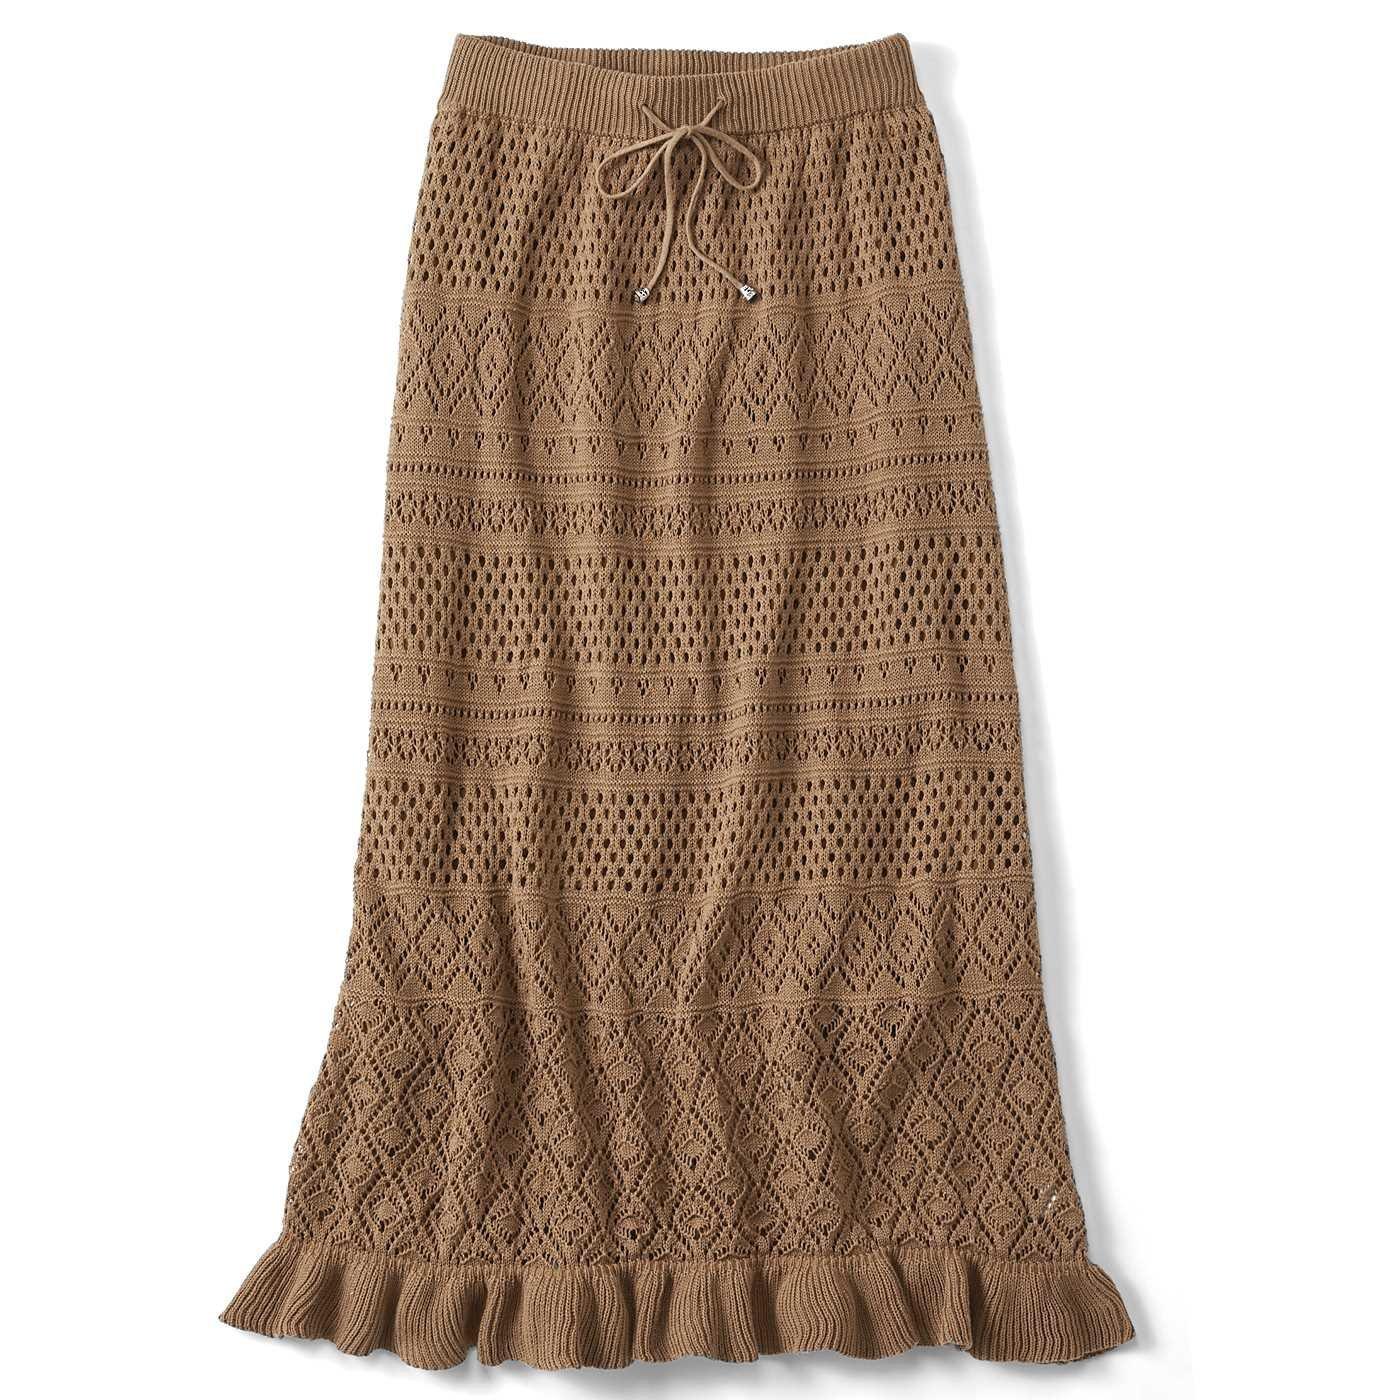 リブ イン コンフォート ほどゆるラインとのびのび裏地で はき心地も抜群 大人レディーな綿ニットスカート〈キャメル〉